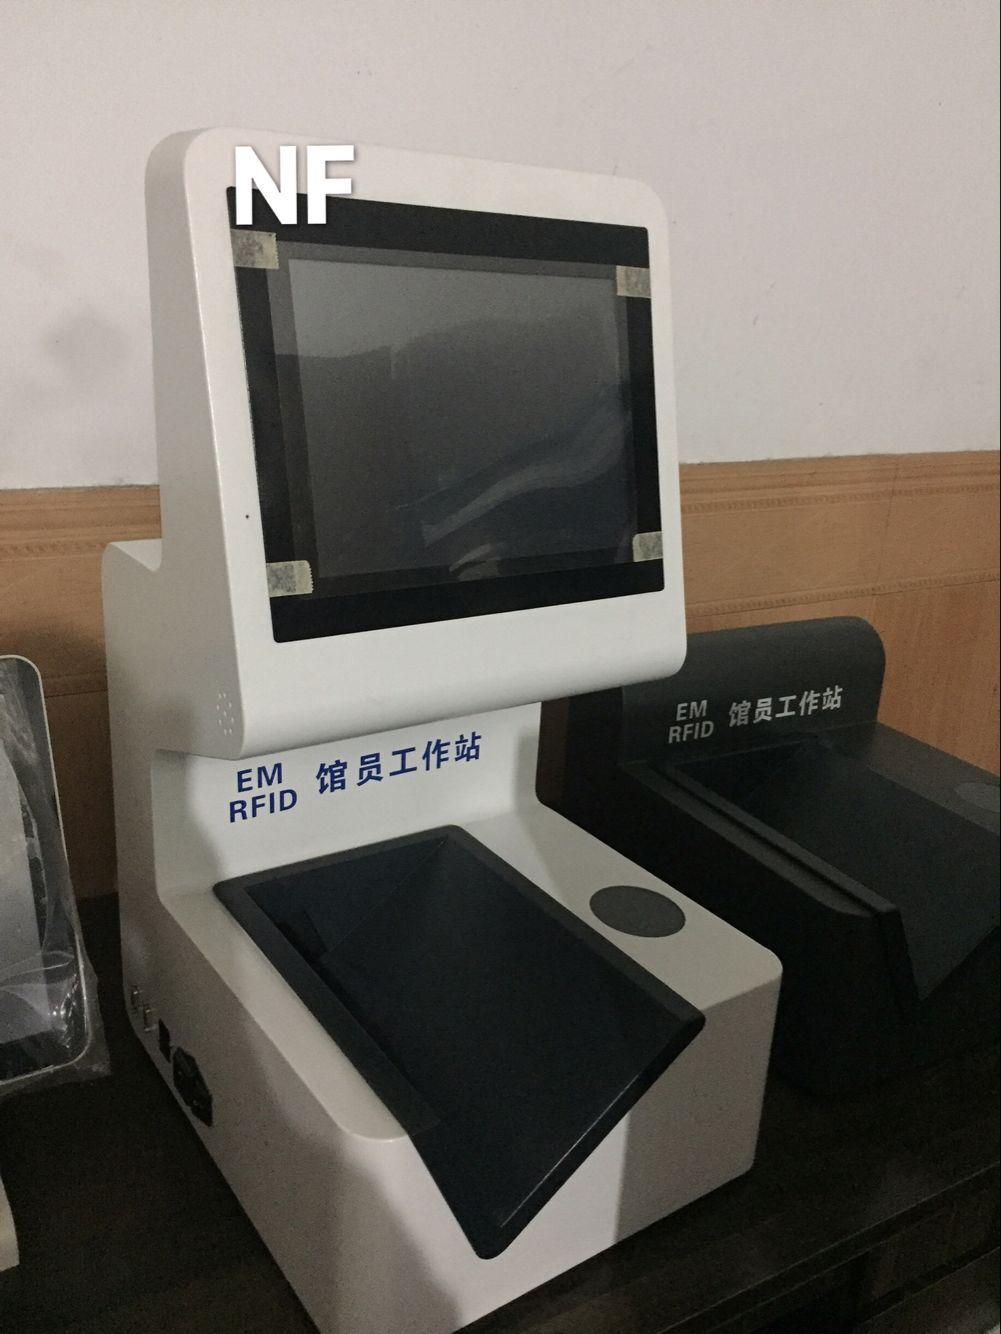 图书馆自助借还机,馆员工作站超,高频双标签系统